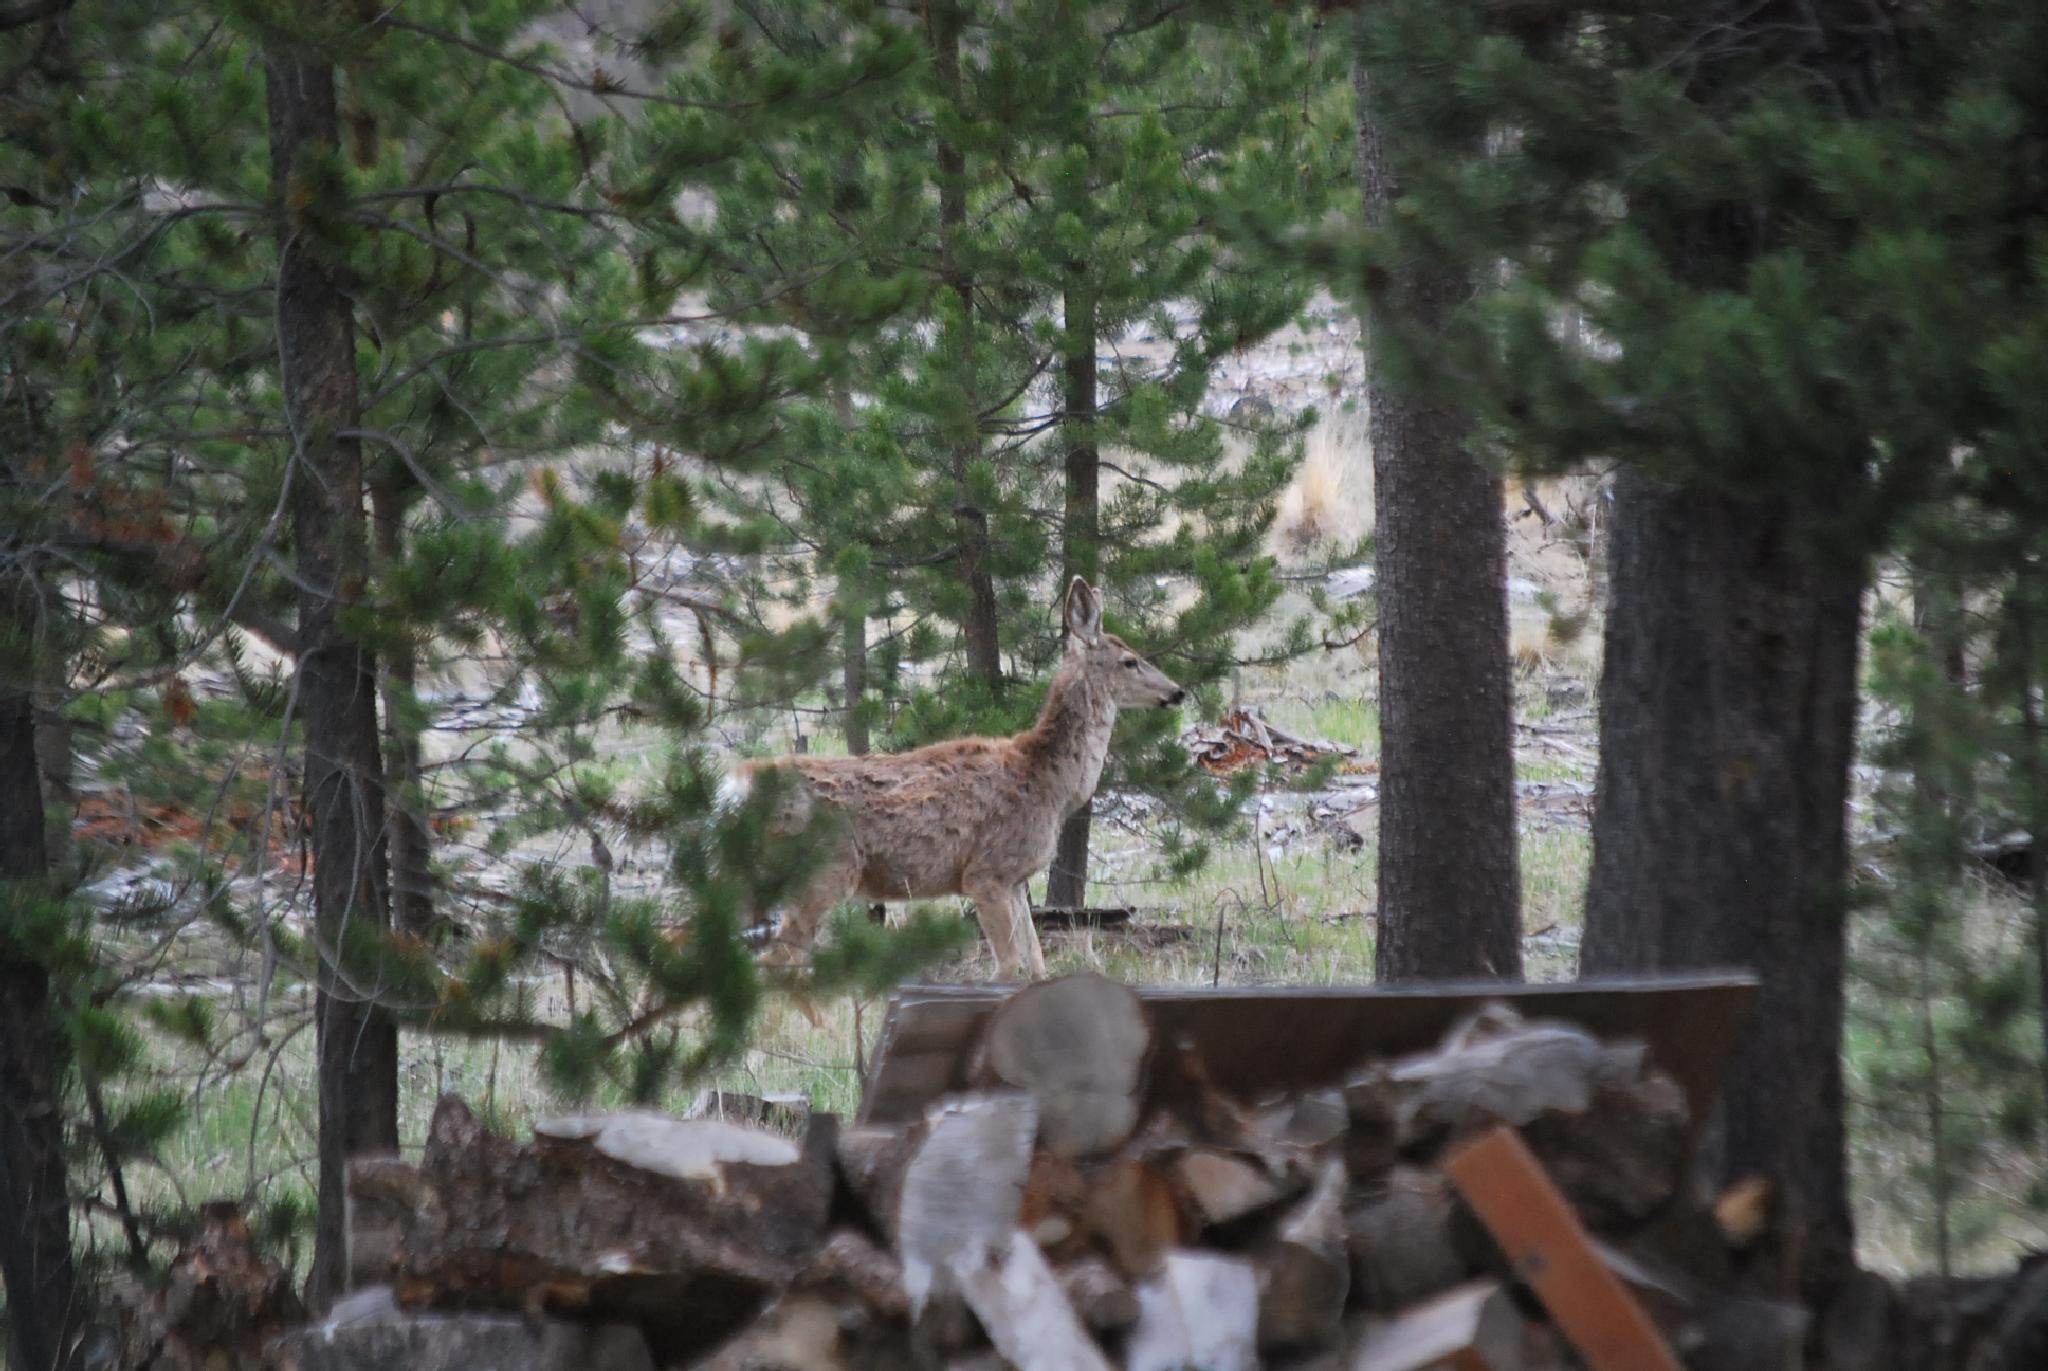 Deer in side yard by marilyn wirtz